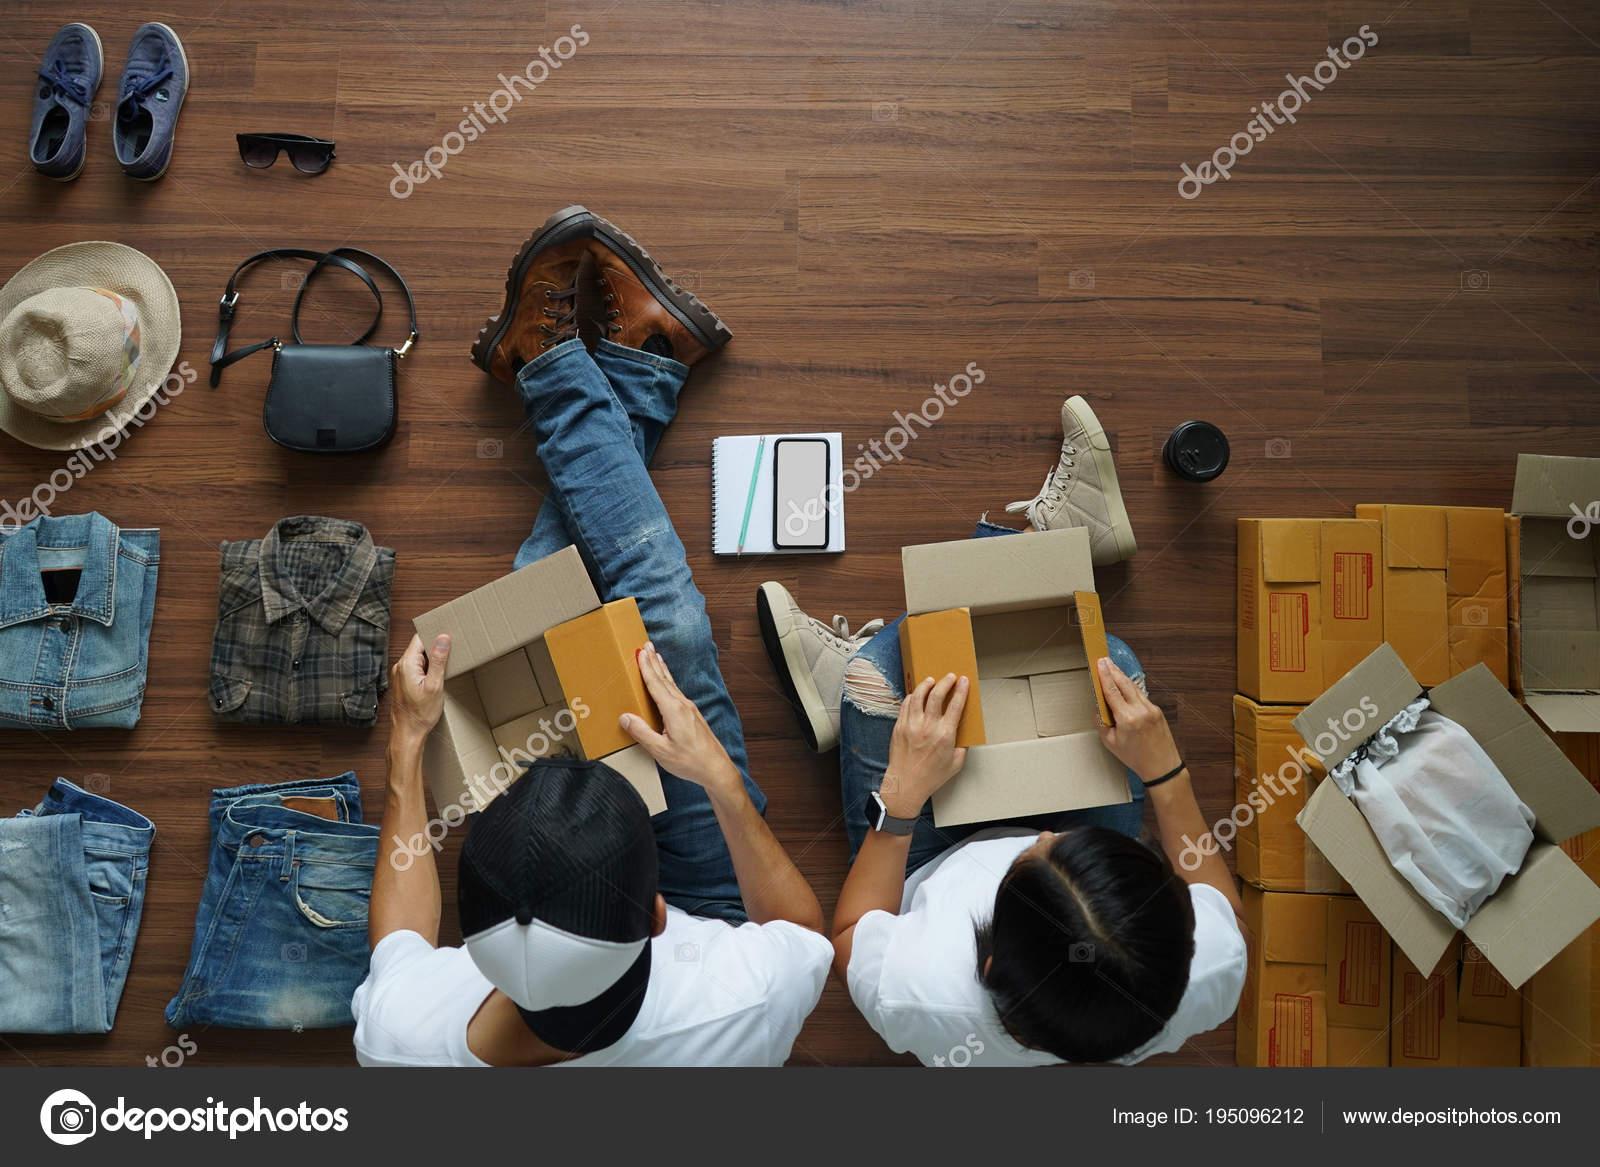 Miglior prezzo comprare nuovo nuovo stile e lusso Vendita concetto idee online, uomo e donna con accessori di ...